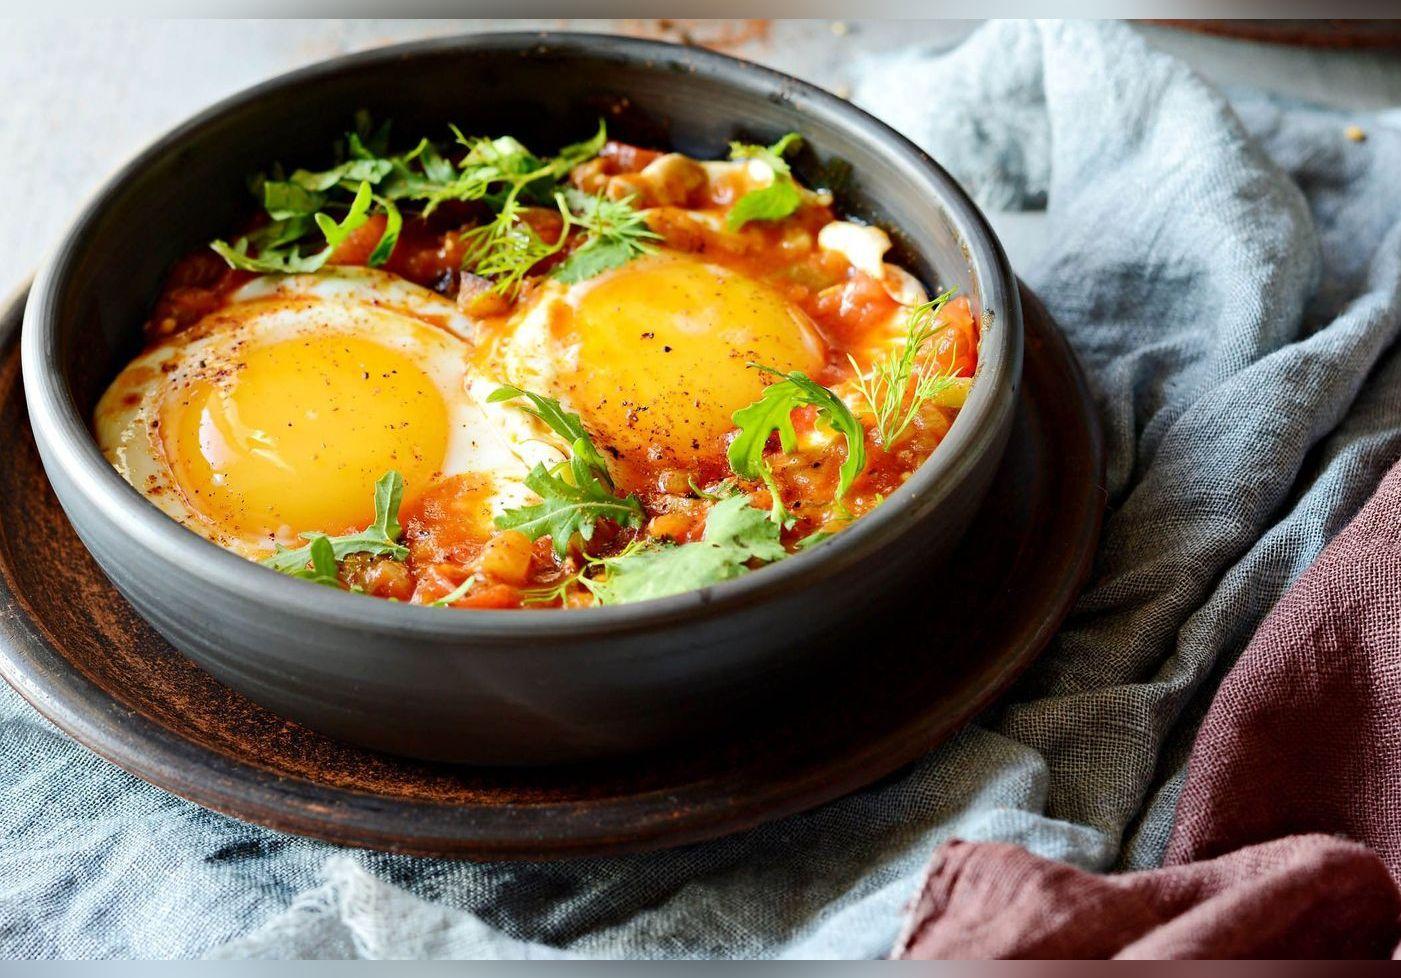 Laurent Mariotte nous fait découvrir son astuce originale pour préparer des œufs. Une cuisson au four aussi simple que savoureuse.